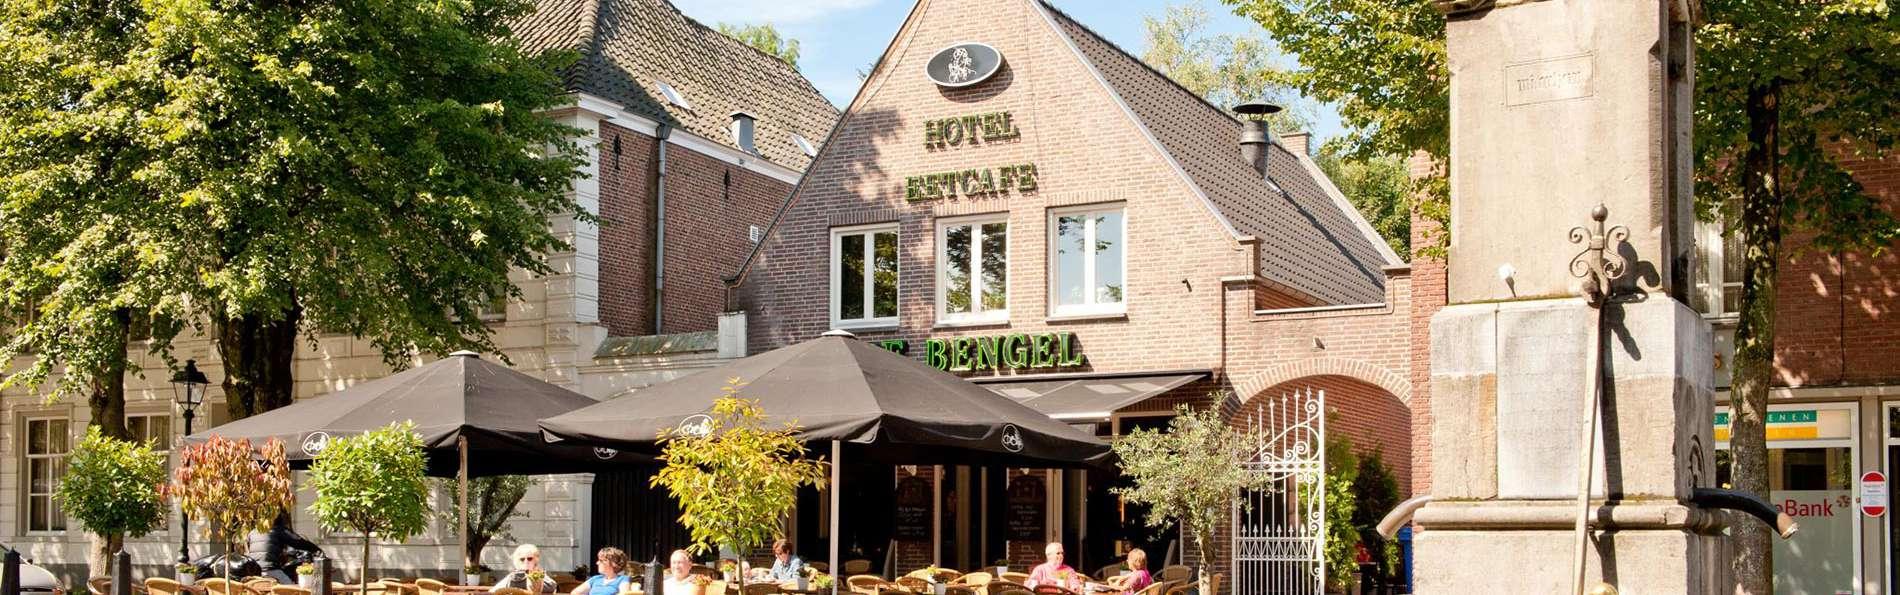 Hotel De Bengel - RTQ_front1.jpg